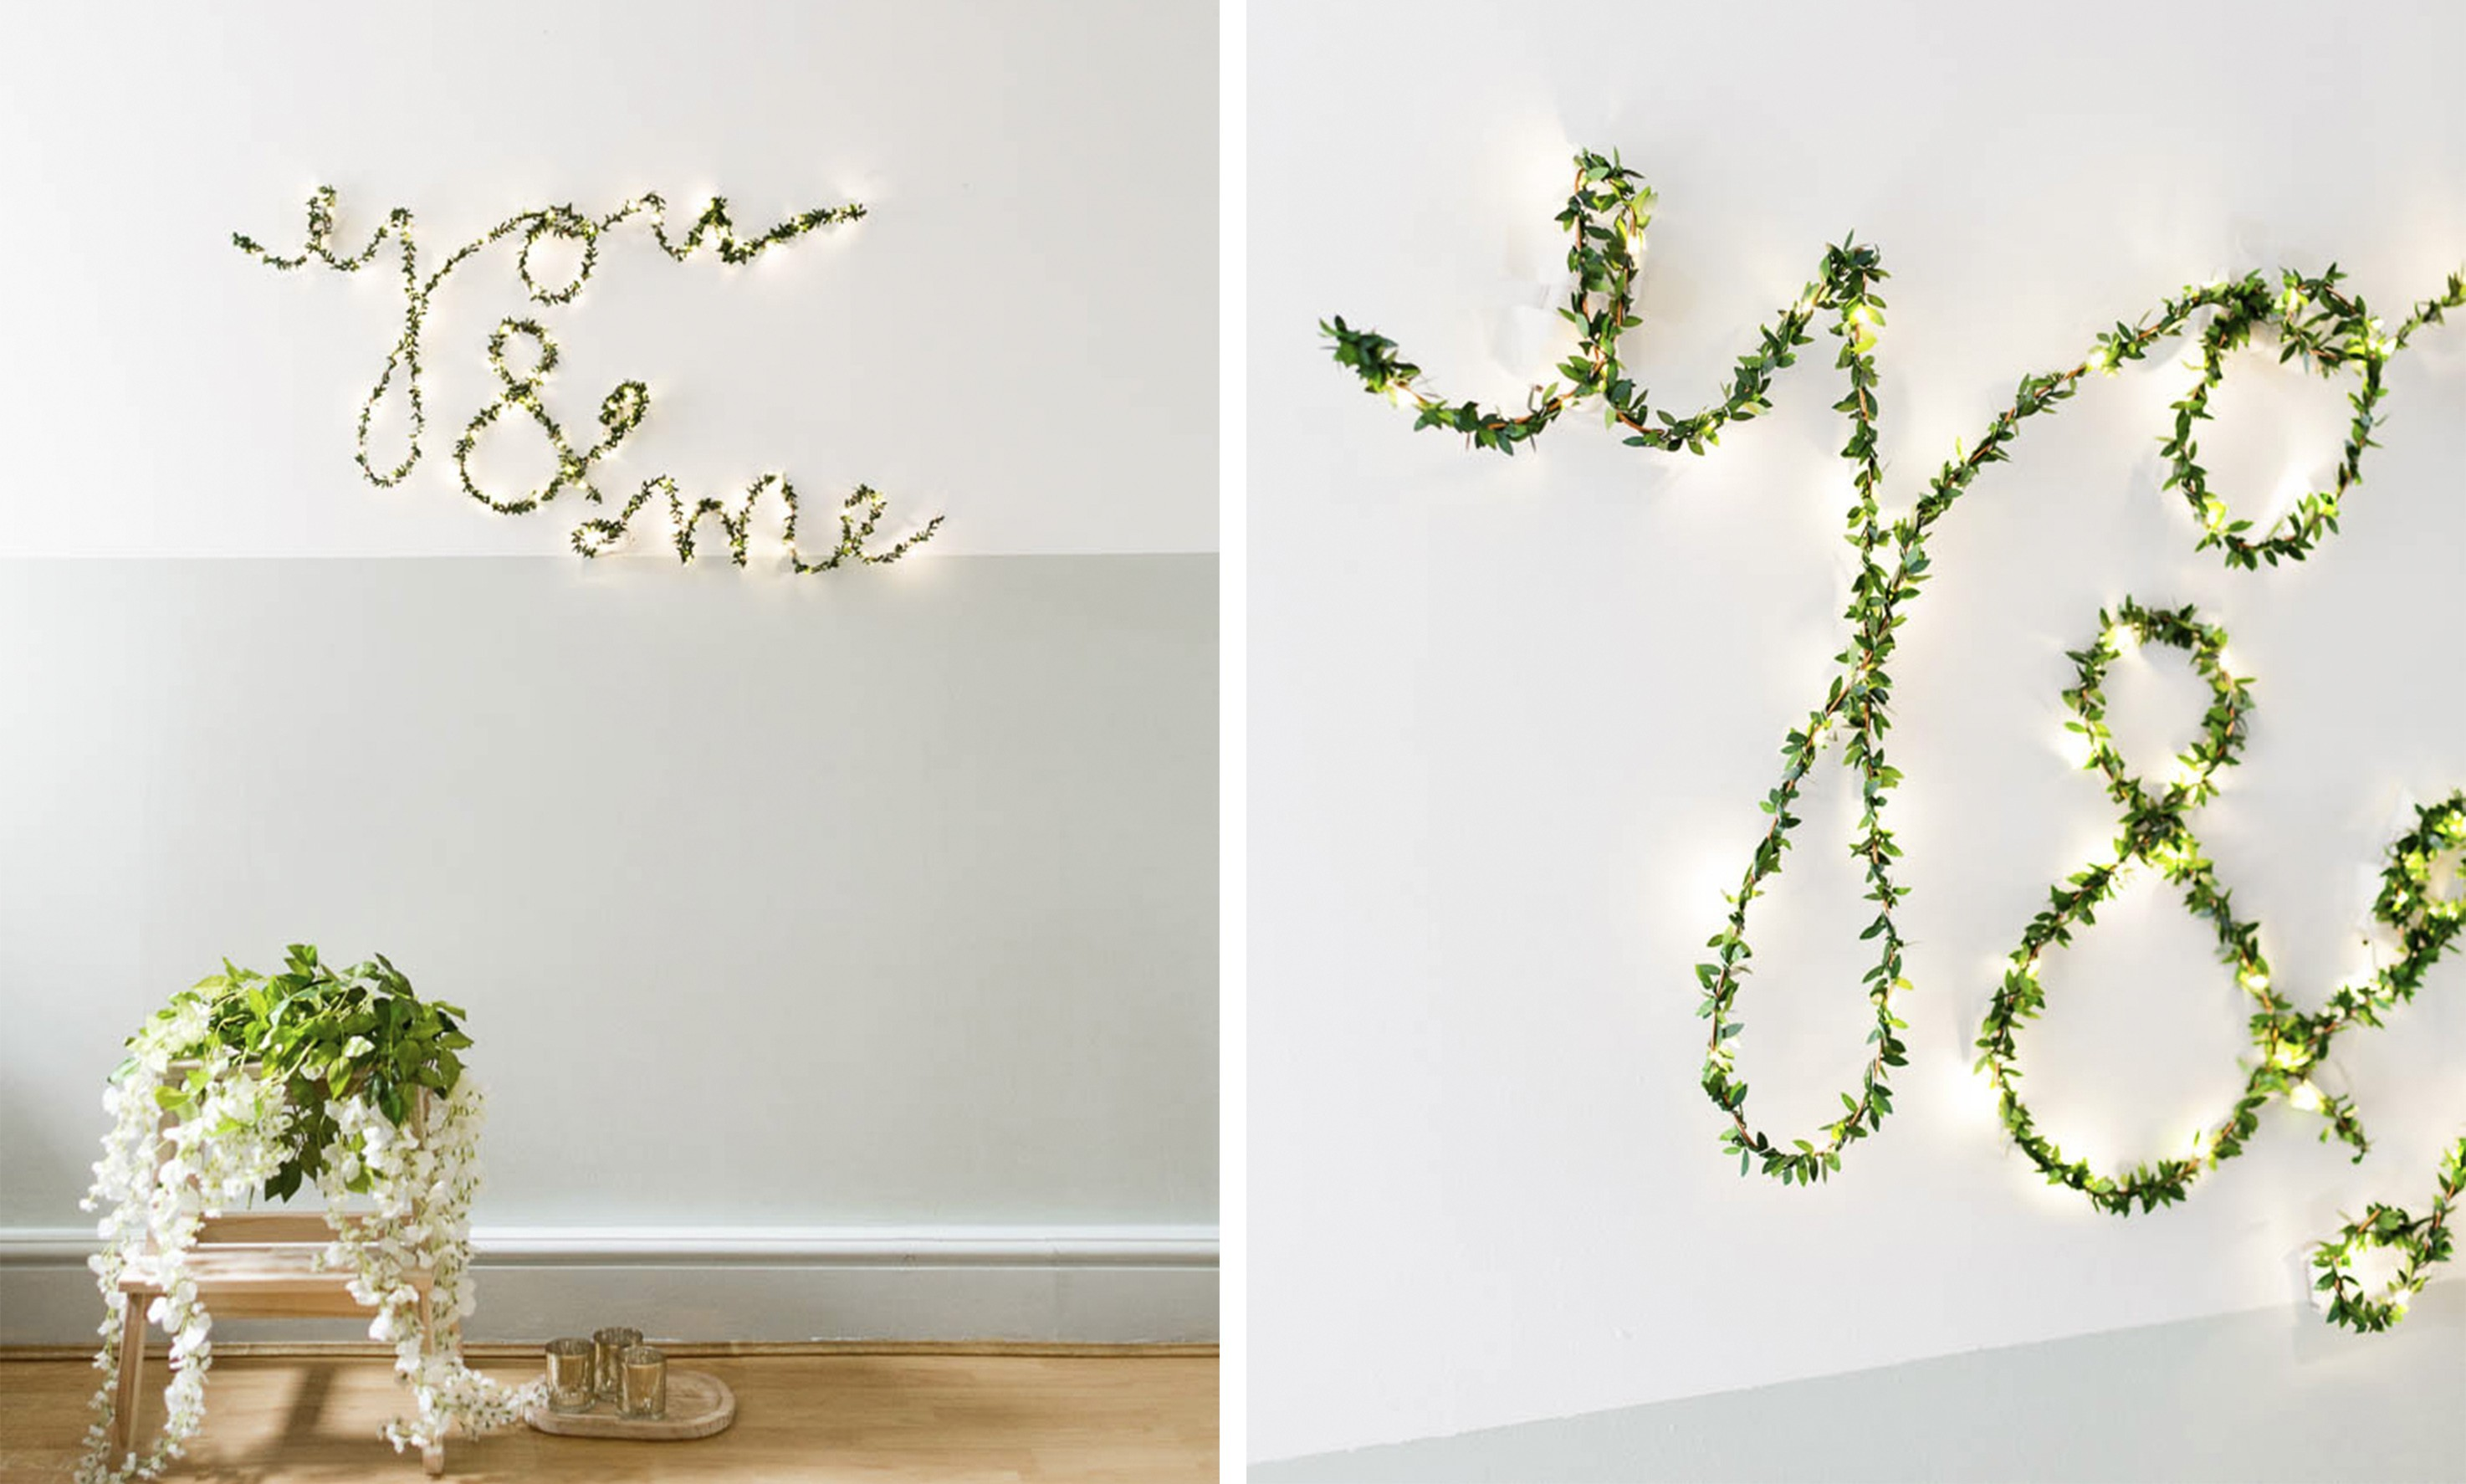 diy ideen lichterkette thema f r verliebte als deko idee f r die wandgestaltung fresh ideen. Black Bedroom Furniture Sets. Home Design Ideas